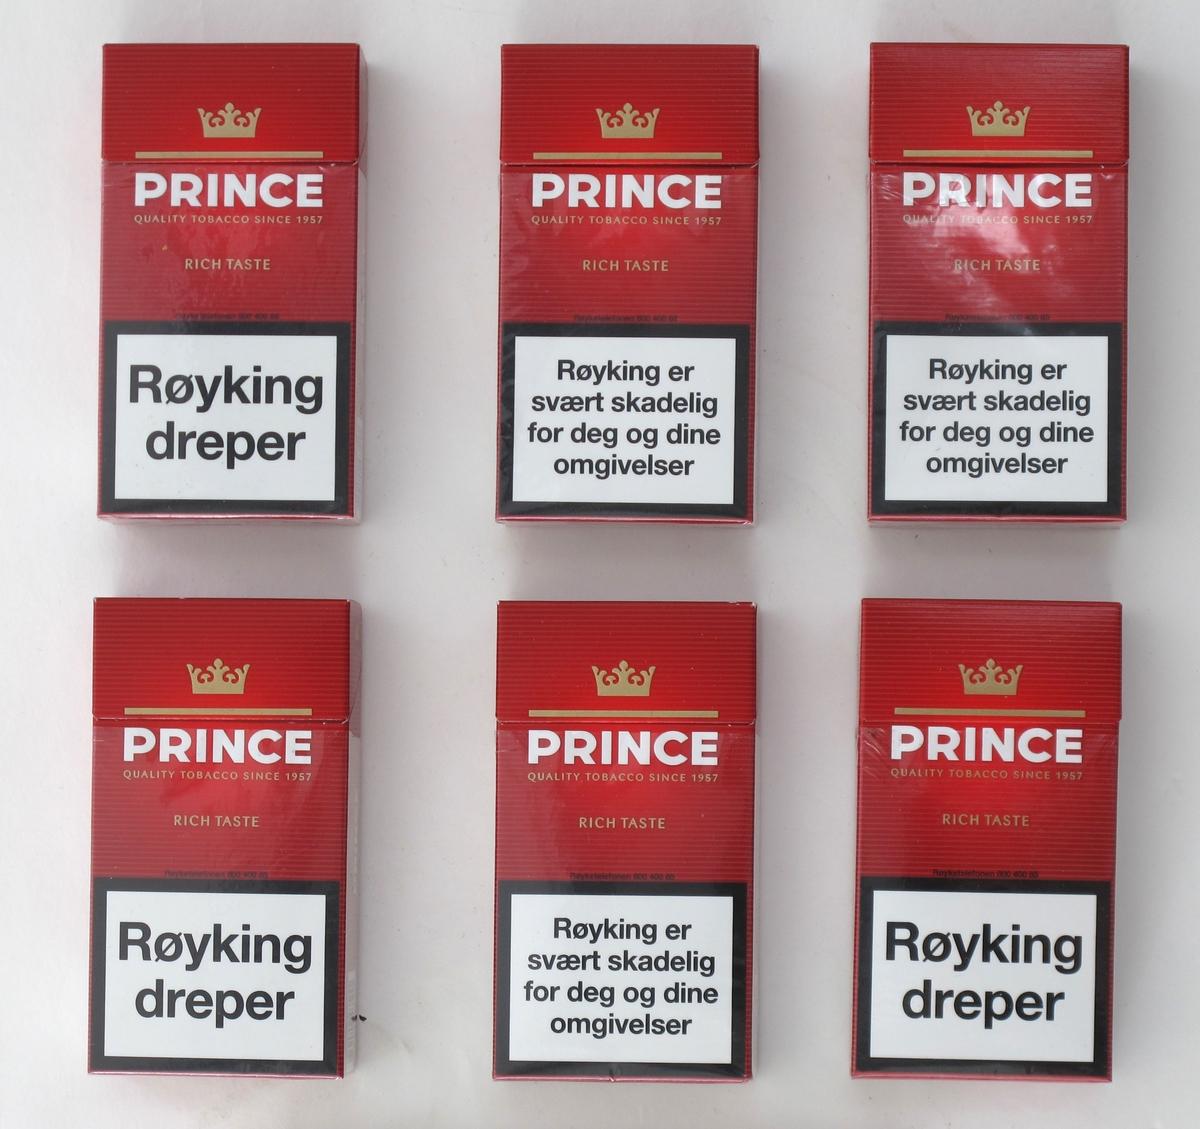 Sigaretteske, 20-pakning, med produsentmerking og påbudt advarsler på begge sider. Rød farge, gull, hvit, sort. Ulike advarsler på eskene. Eskene har originalt plastomslag, men dette er avrevet rundt lokket.